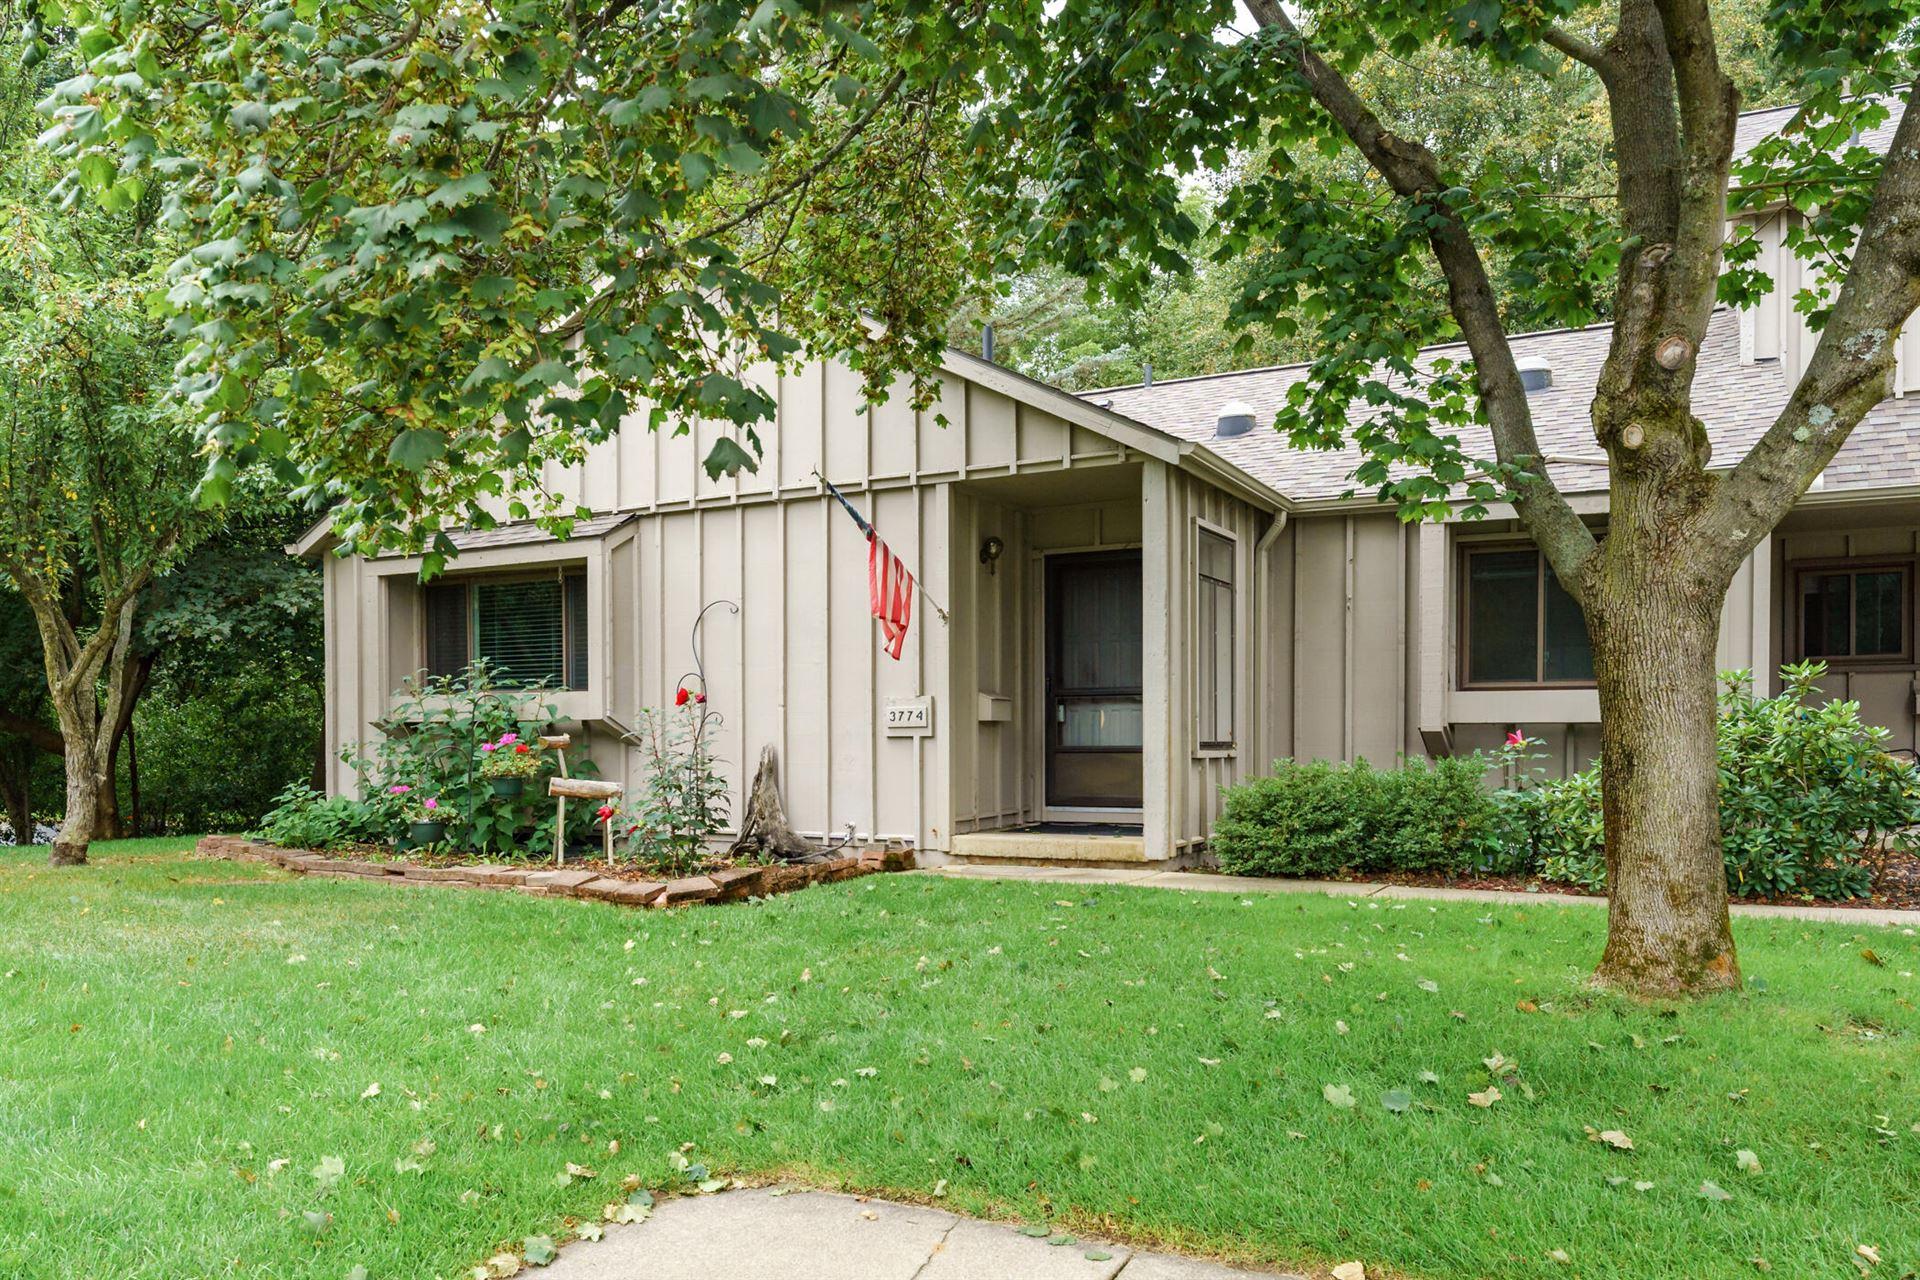 3774 Cedaridge Road, Kalamazoo, MI 49008 - MLS#: 21107144